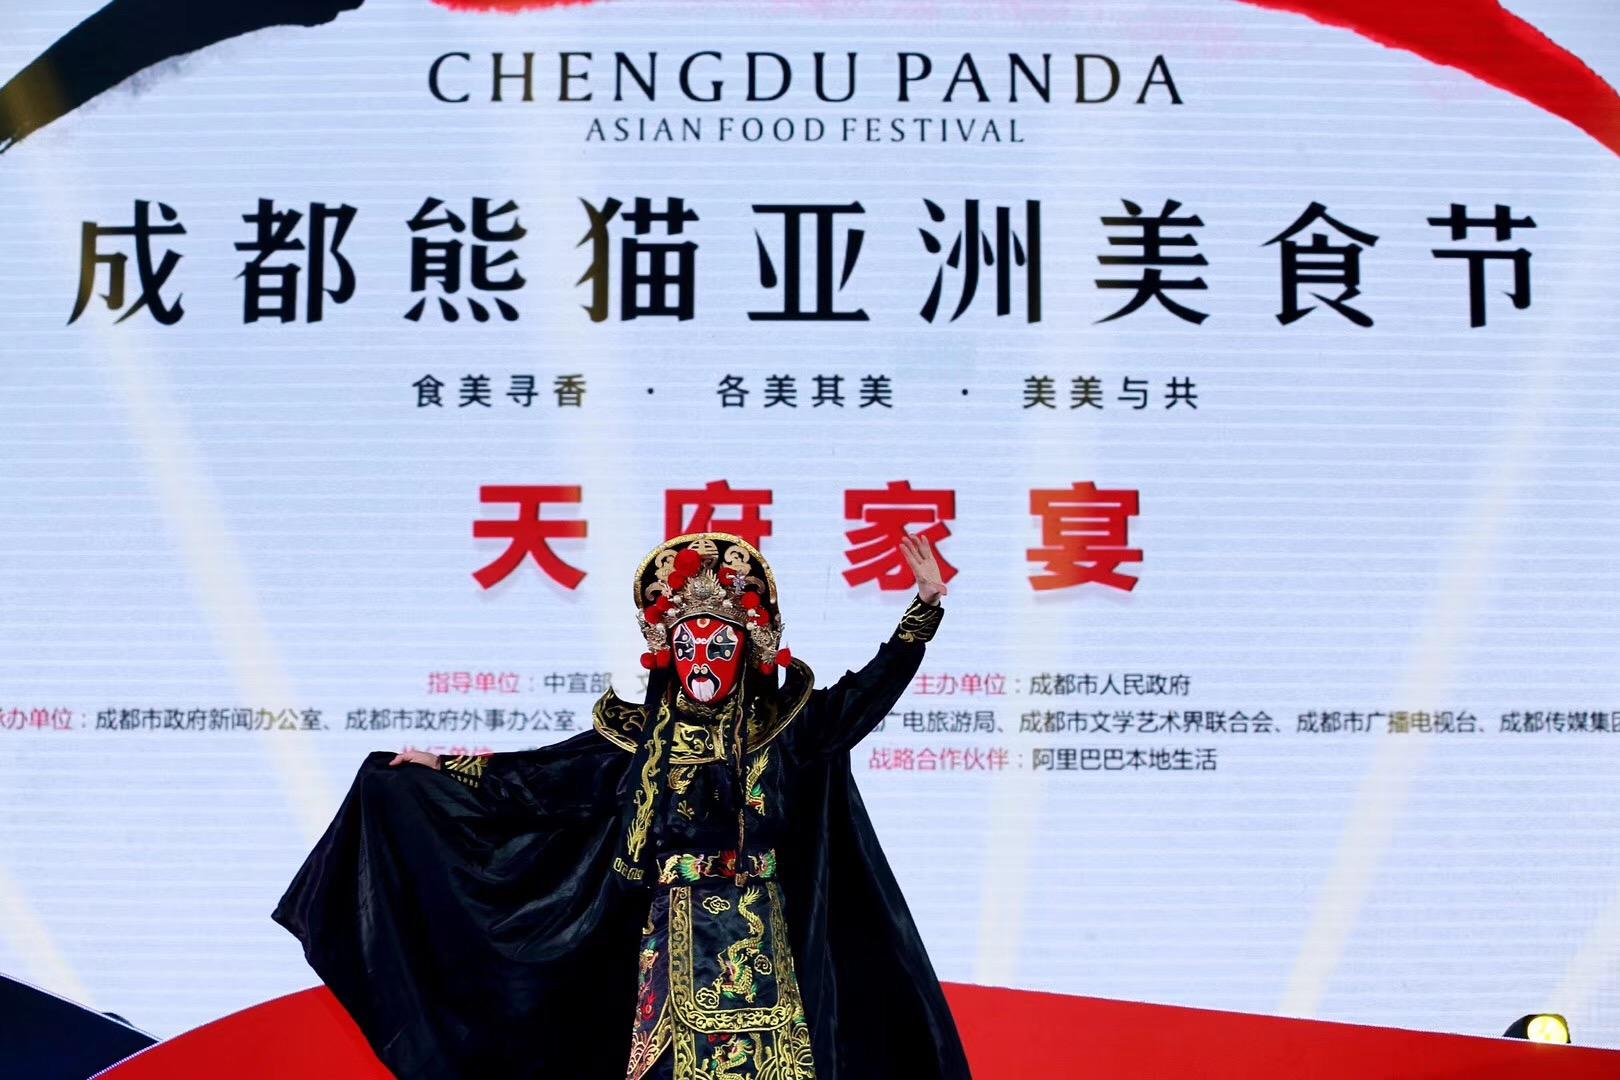 """5月15日,幸运分分彩熊猫亚洲美食节将正式开启。14日晚,""""天府家宴""""开宴,打响了美食节的头炮。(图片均来自幸运分分彩市广播电视台记者)"""